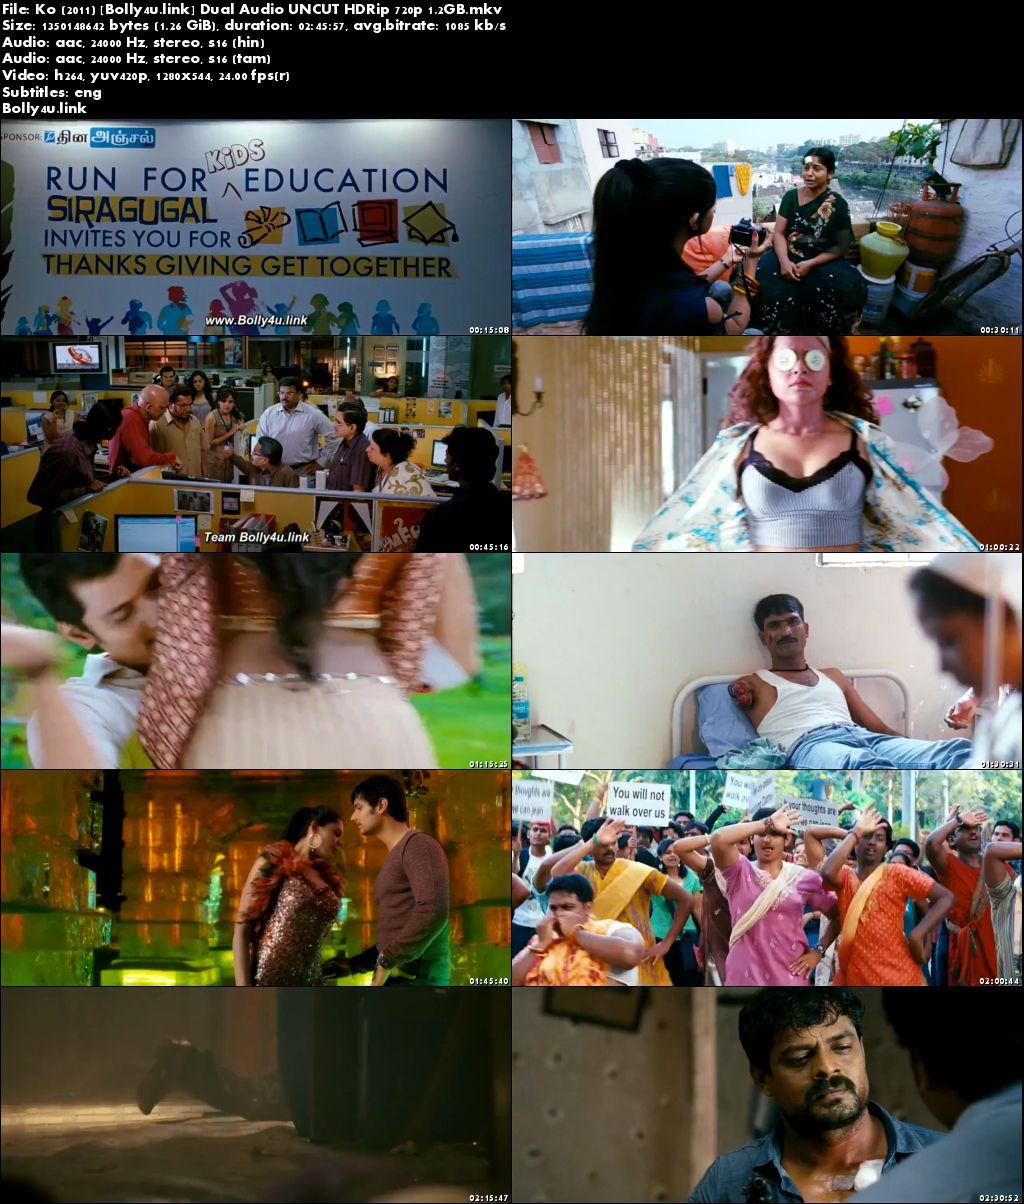 Ko 2011 HDRip UNCUT Hindi Dual Audio 720p Download